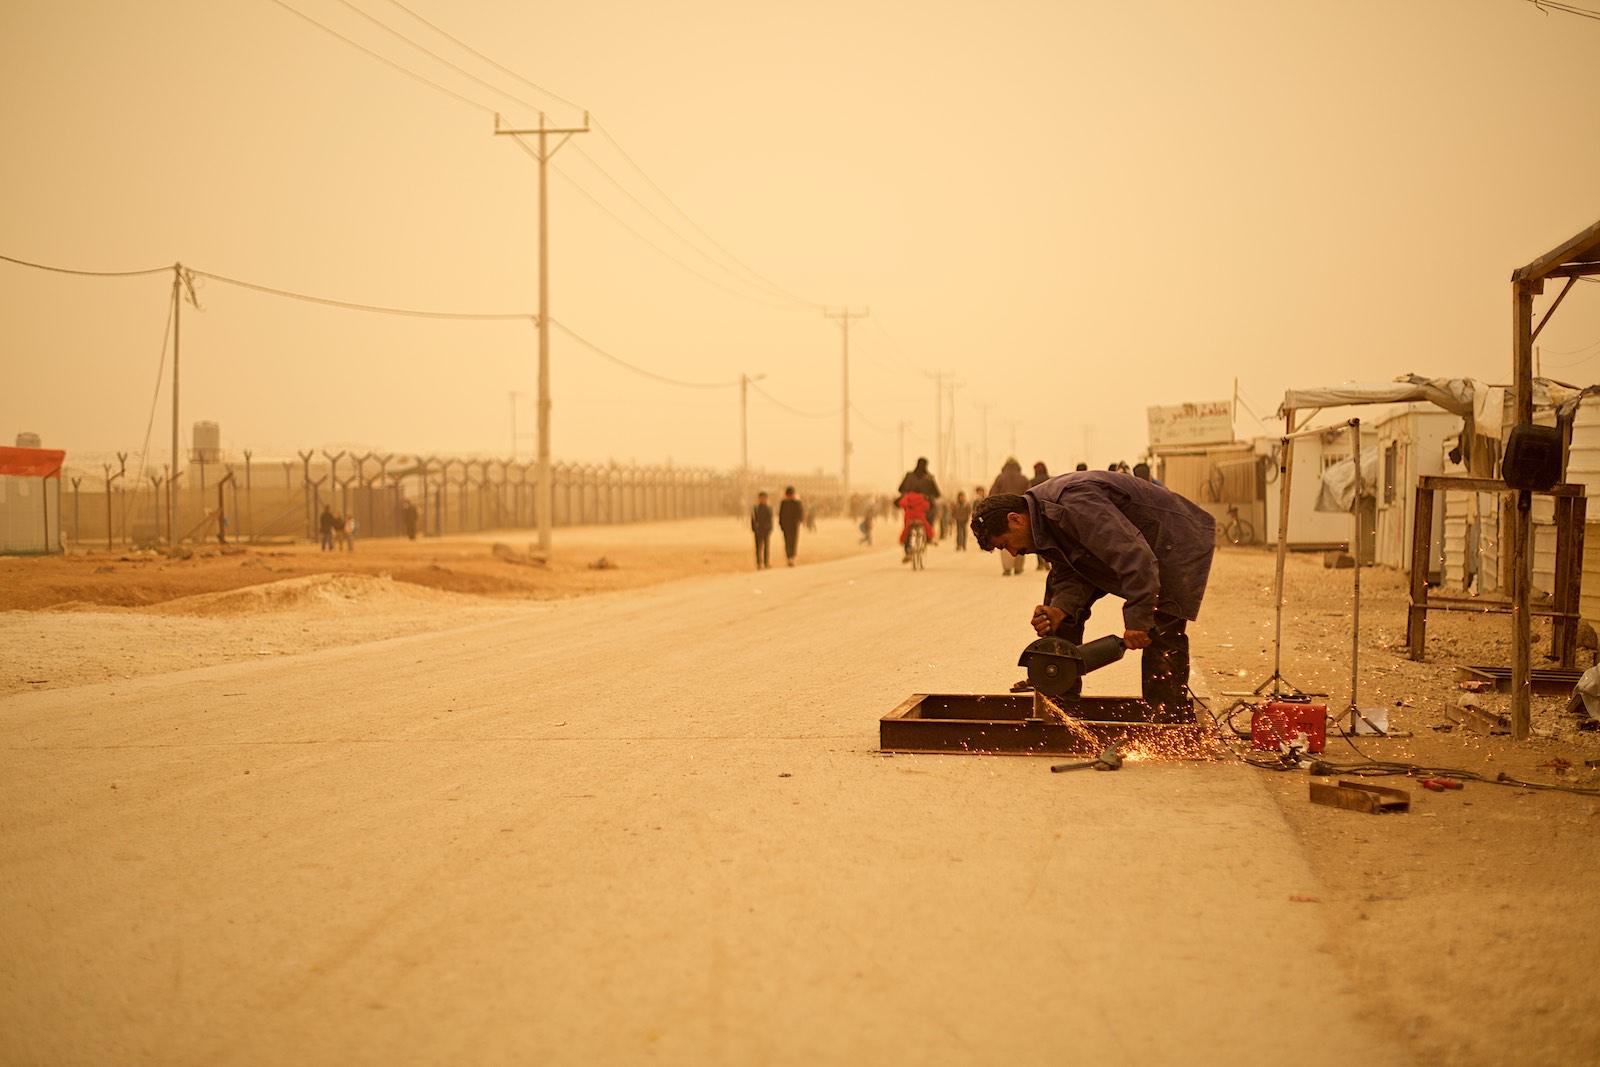 V tábore sa stále niečo prerába a dorába, aj napriek tomu, že si to hosťovské štáty neprajú.Zaatari, Jordánsko  (photo: Denis Bosnic)